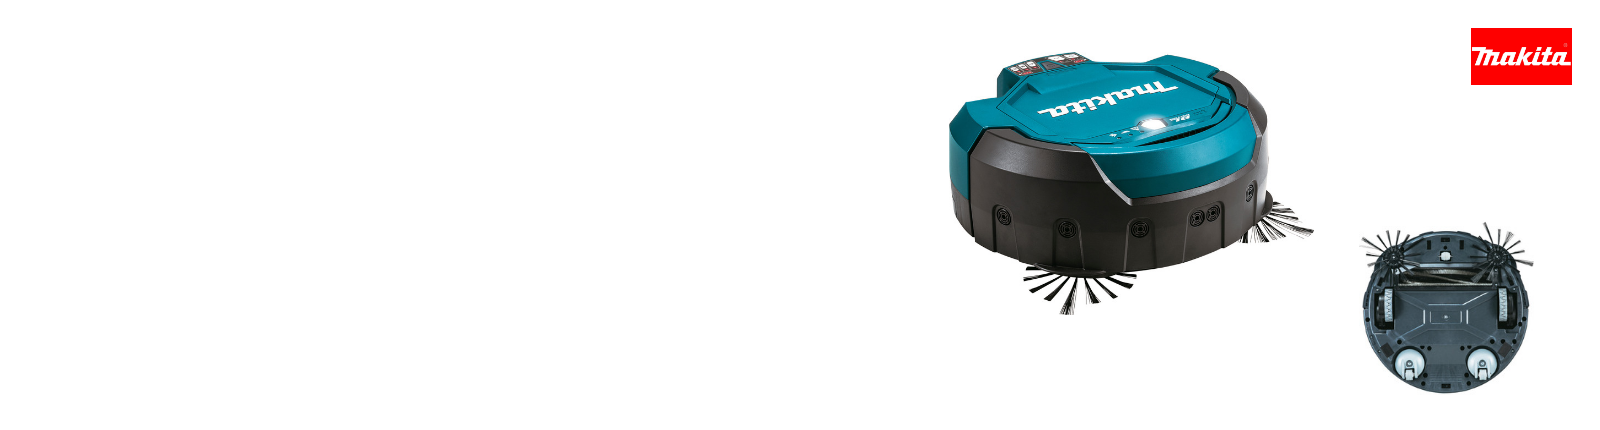 Aspirateur robot -nouveautés-apfn hygiène